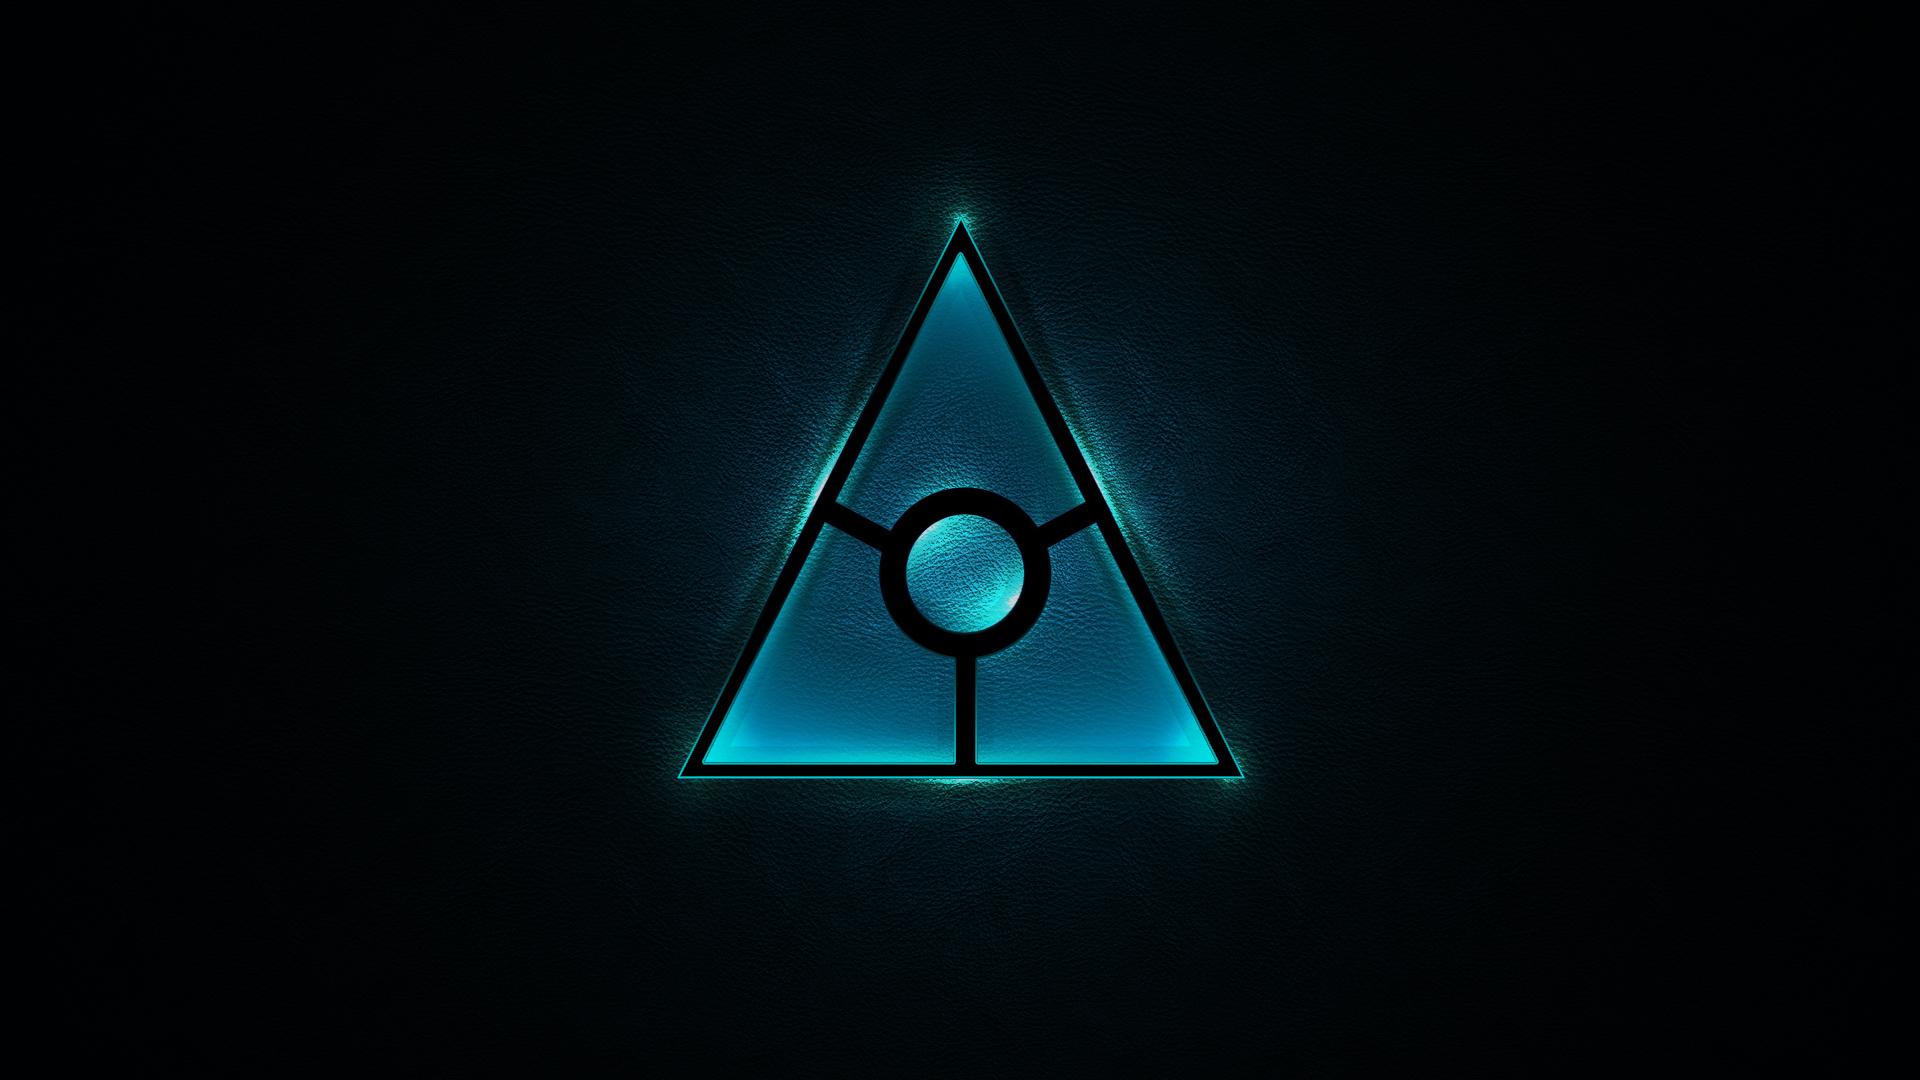 illuminati logo - photo #10